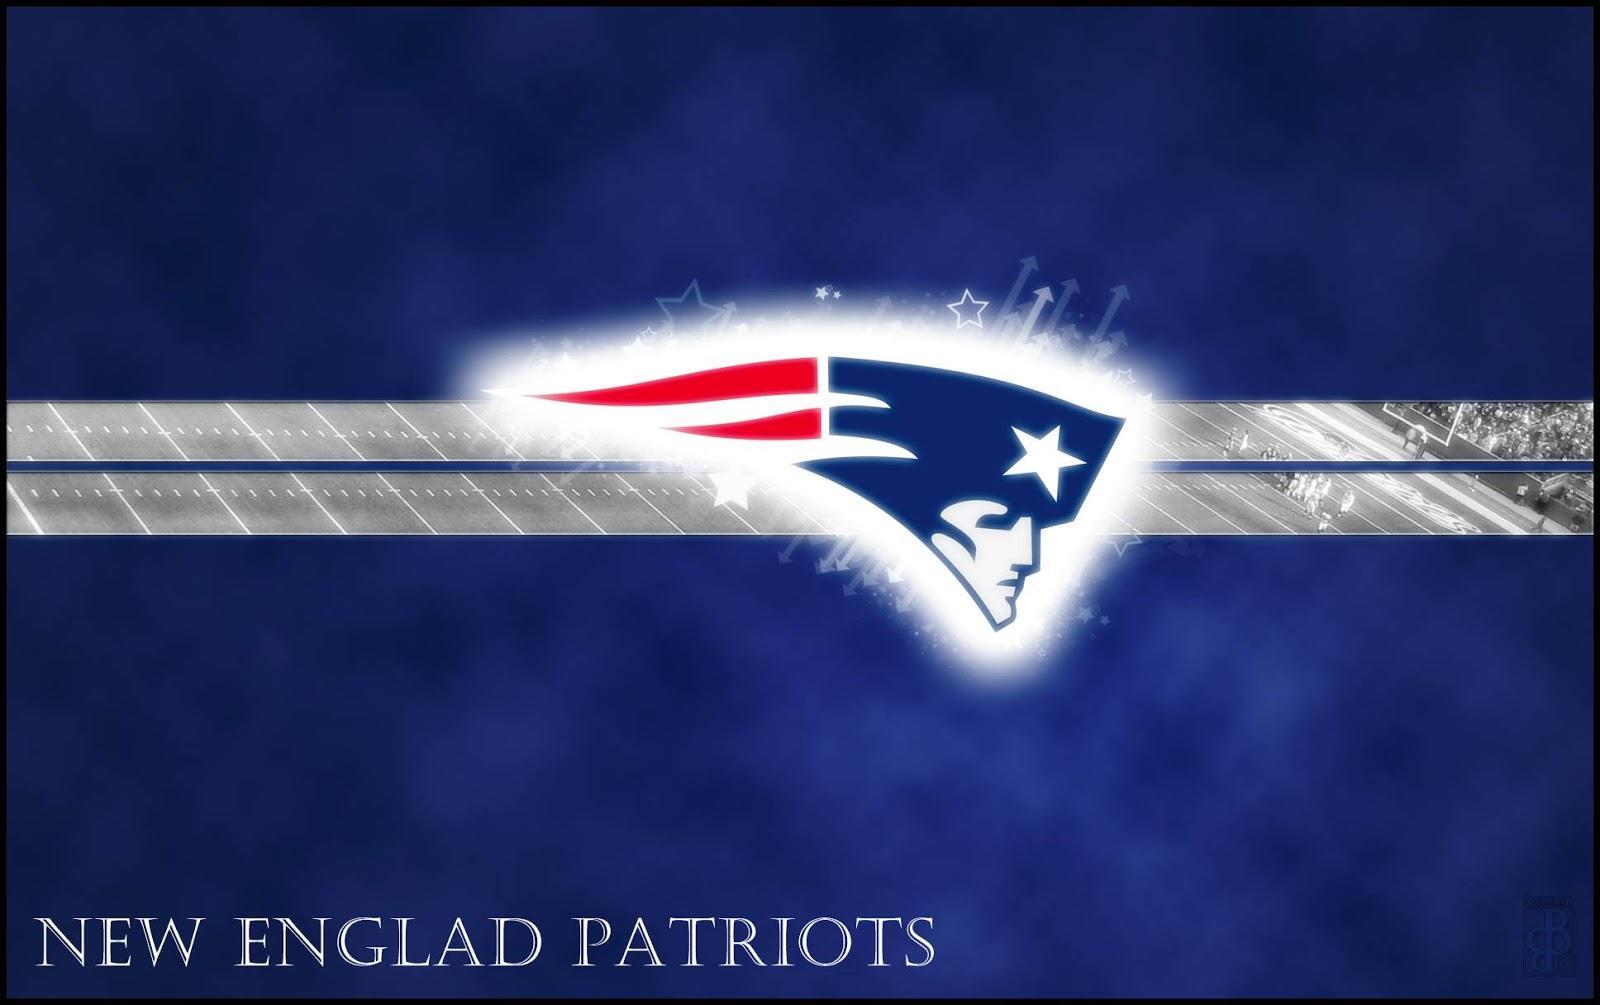 http://1.bp.blogspot.com/-2rldqis2wr8/UL9i9oVTuDI/AAAAAAAABVk/FAu4kQyOYOg/s1600/New-England-Patriots-Wallpaper-002.jpg